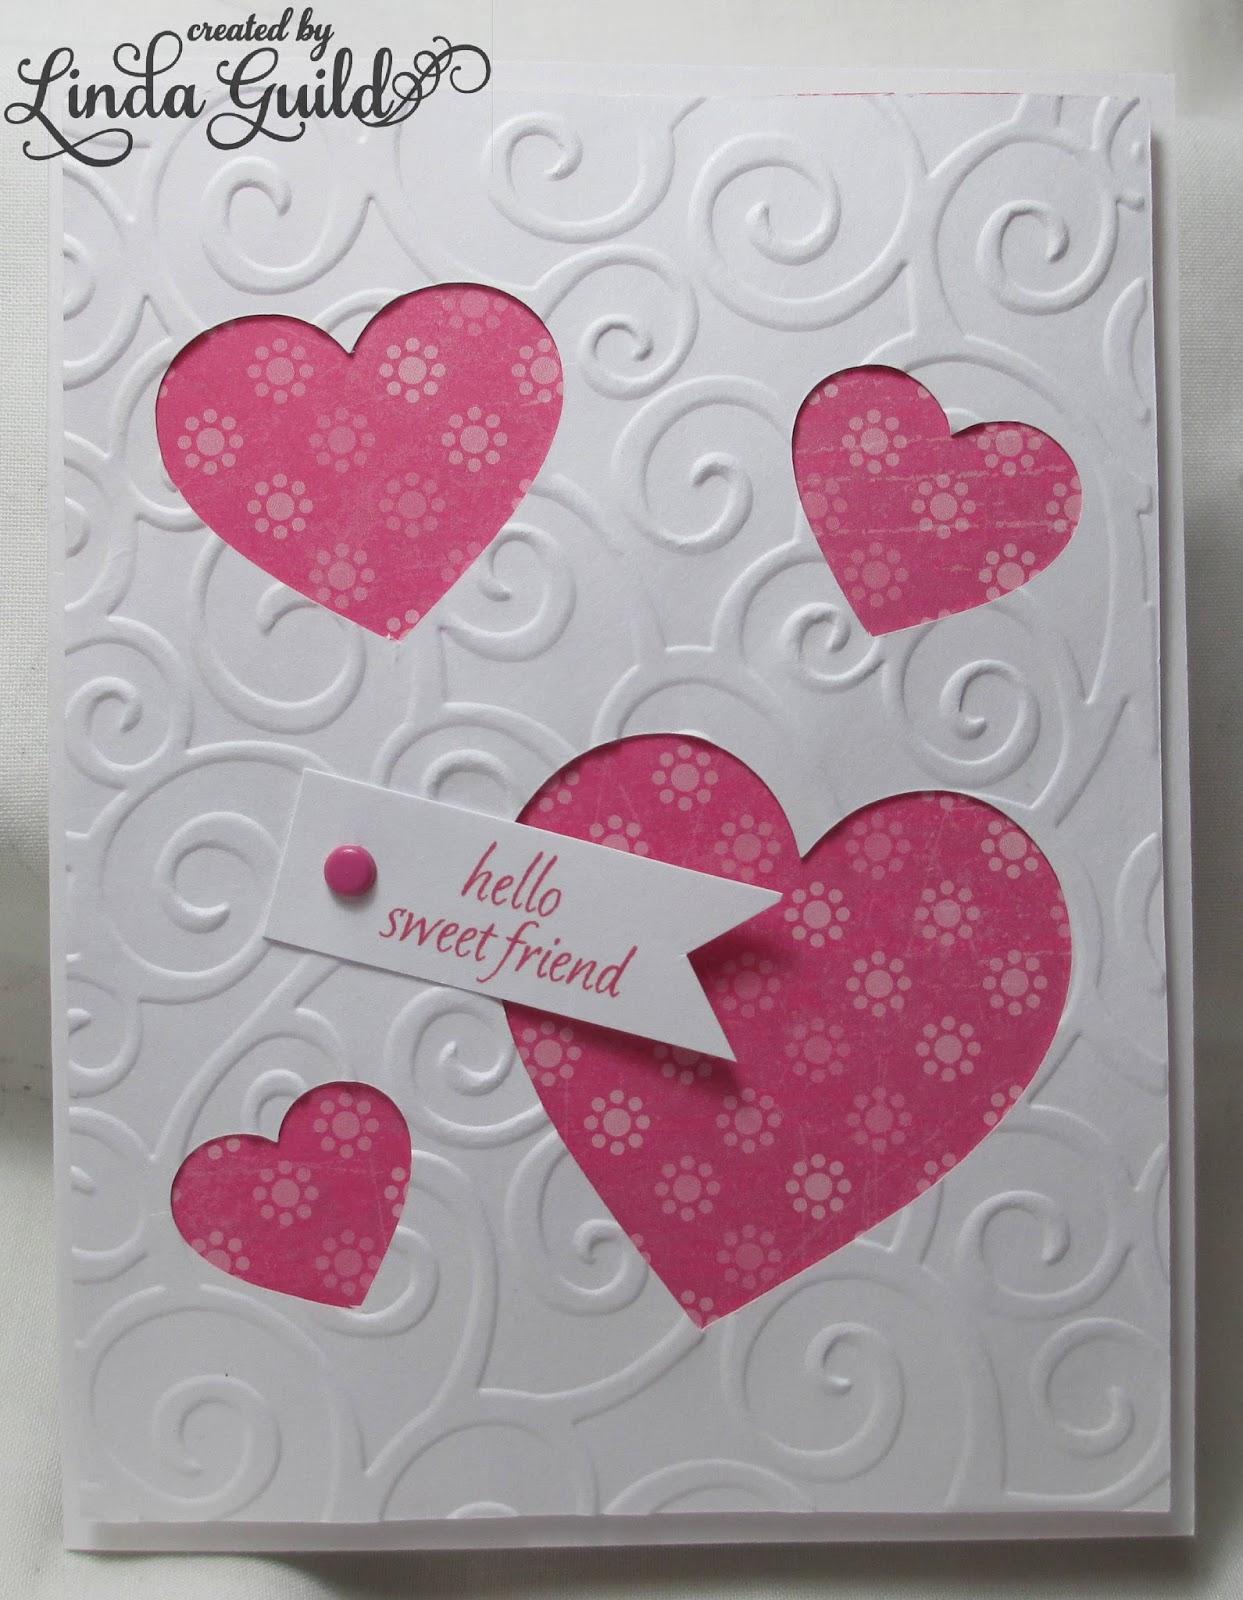 nothin' fancy sweet friend valentine card  30 minute card